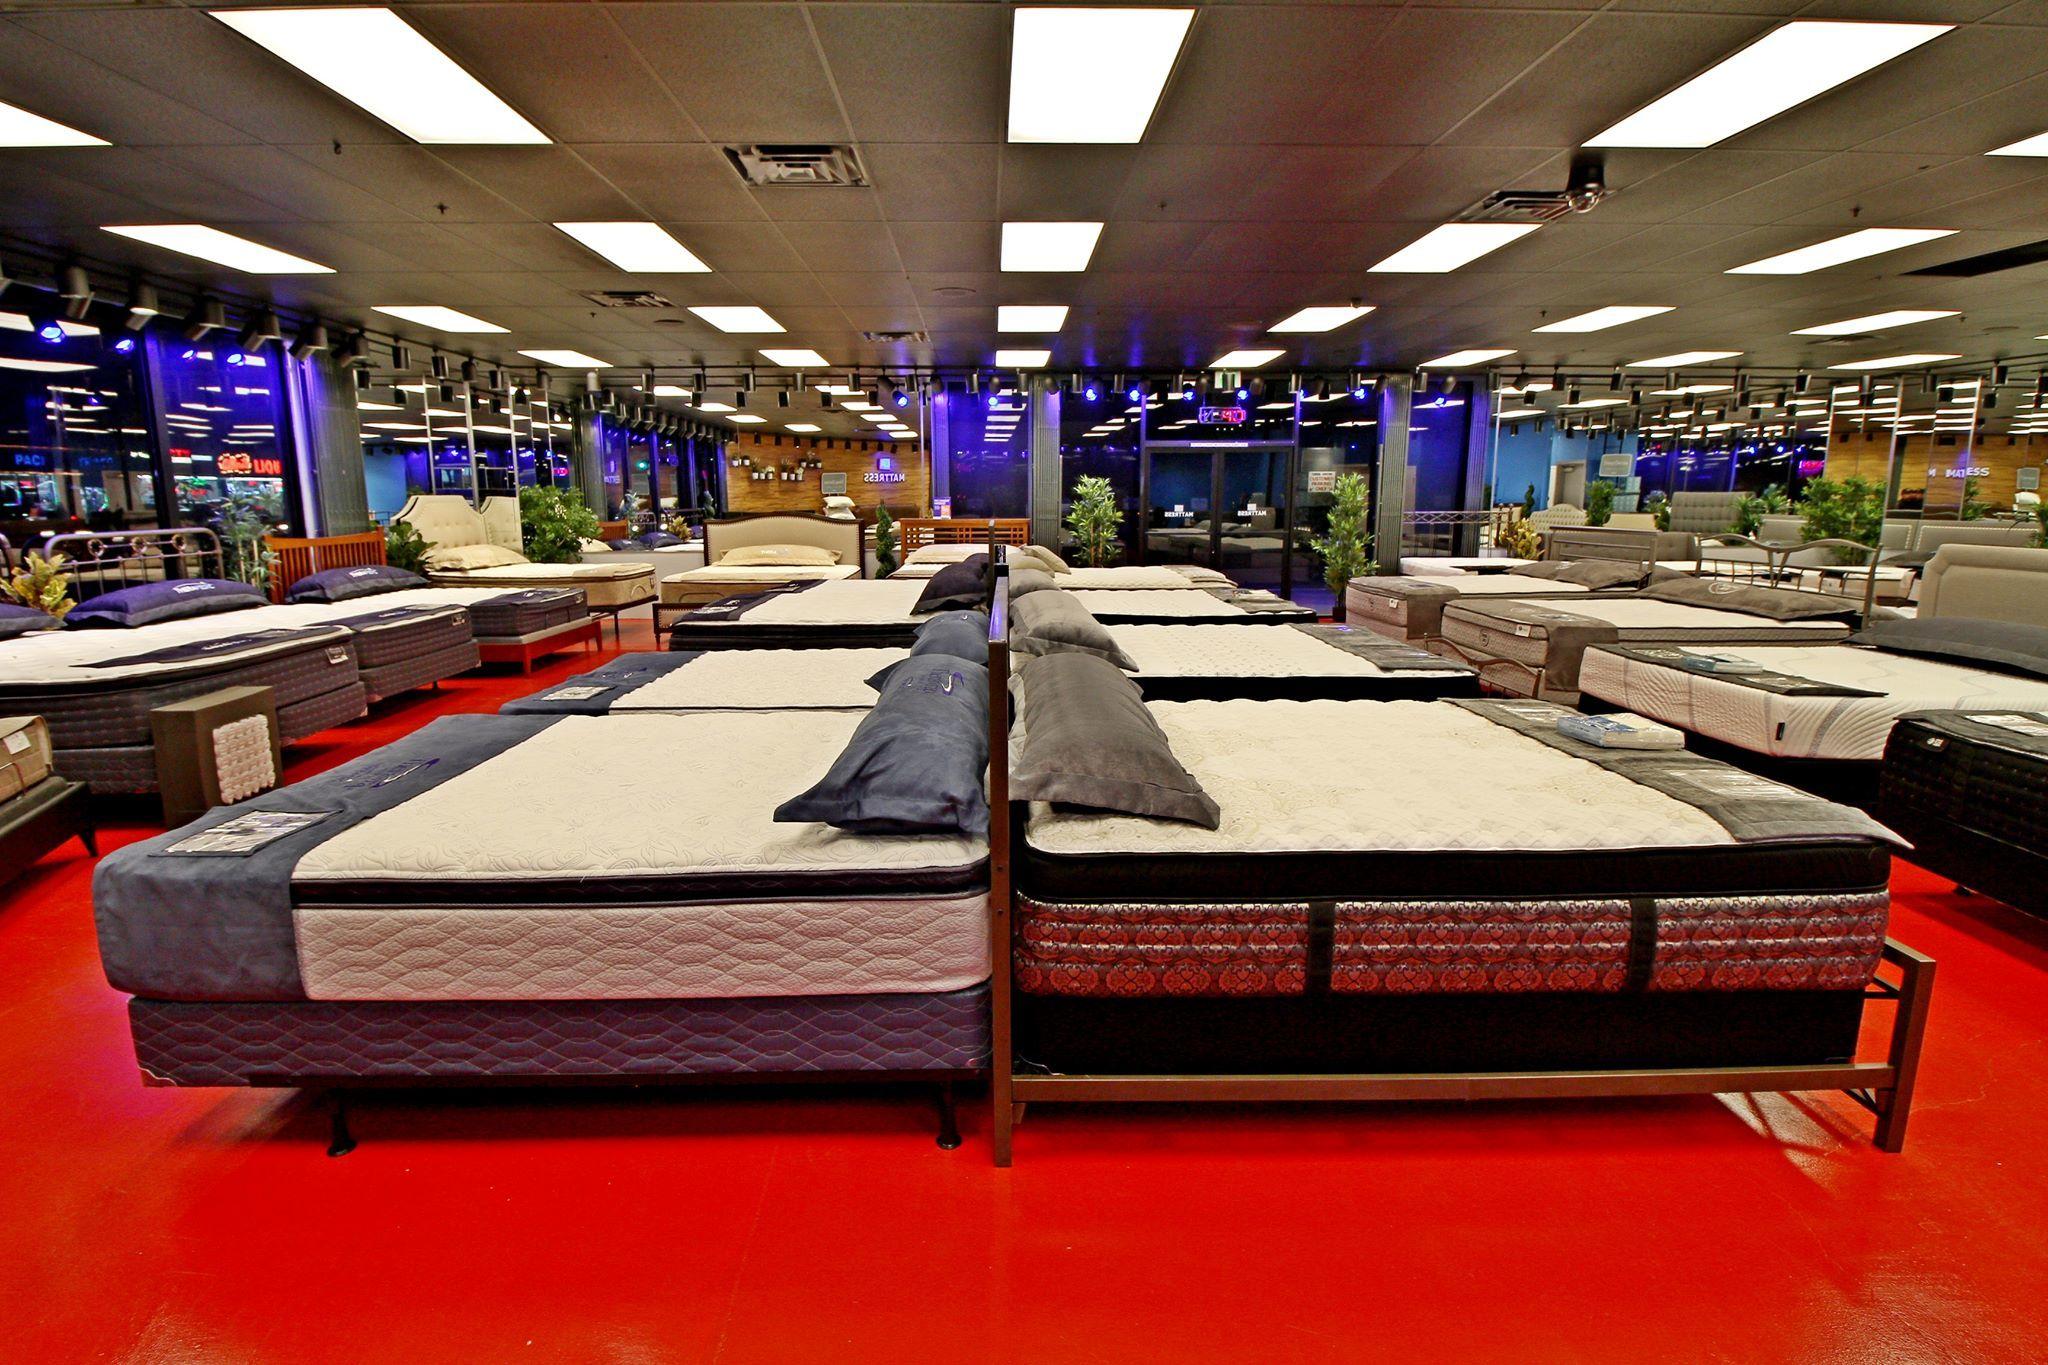 Los Angeles Mattress Store – Natural Vita Talalay Latex Mattress Store In Culver City California